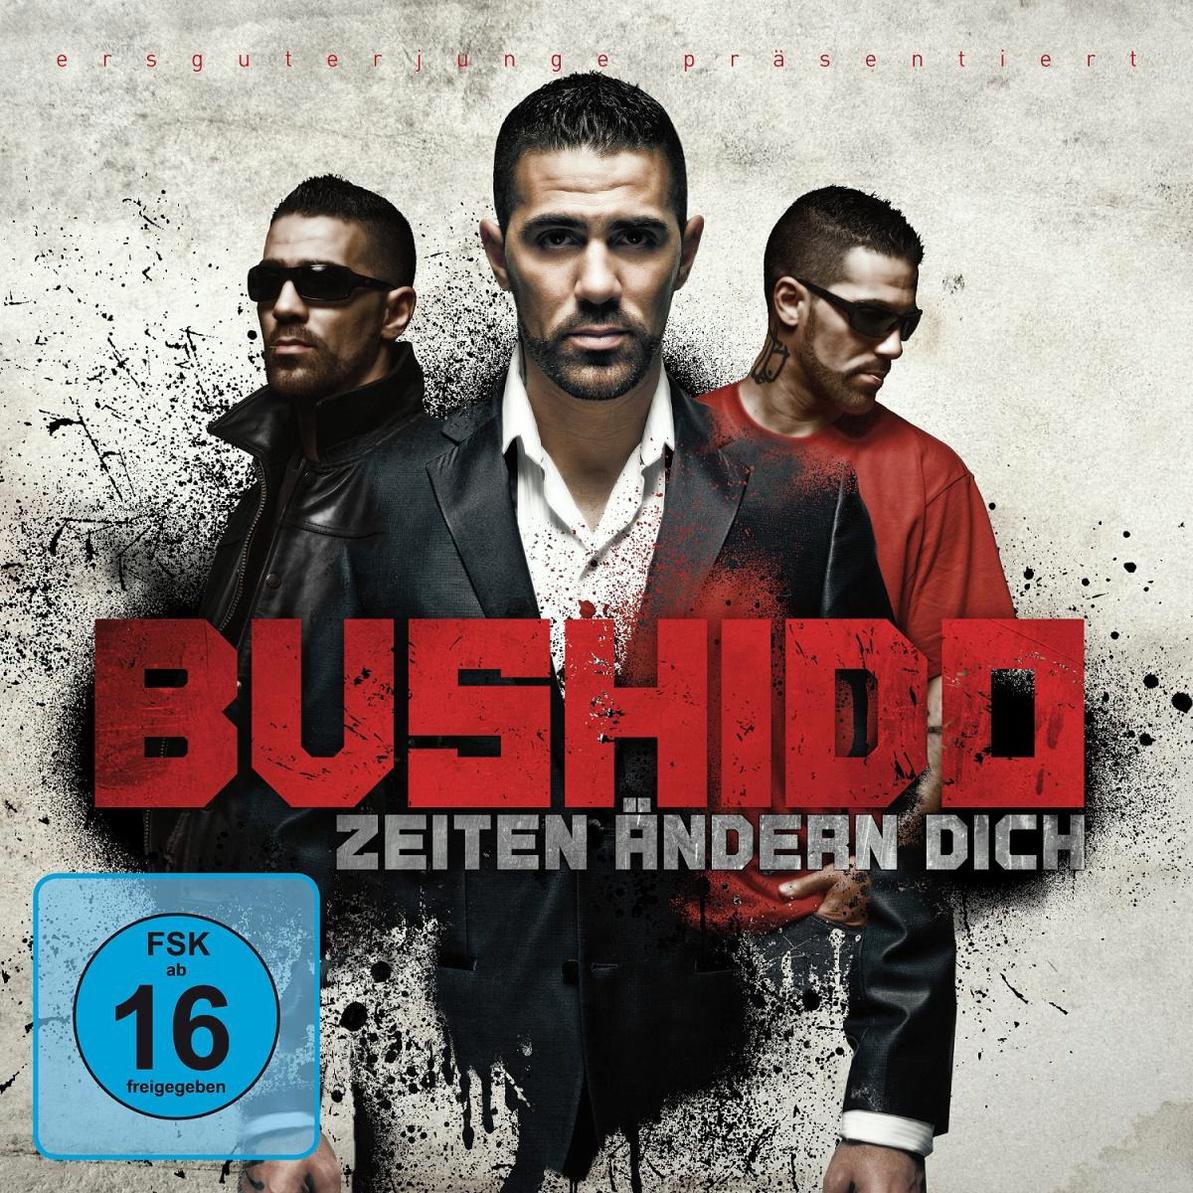 Bushido - Zeiten ändern dich (Premium Edition) (CD+DVD FSK 16)